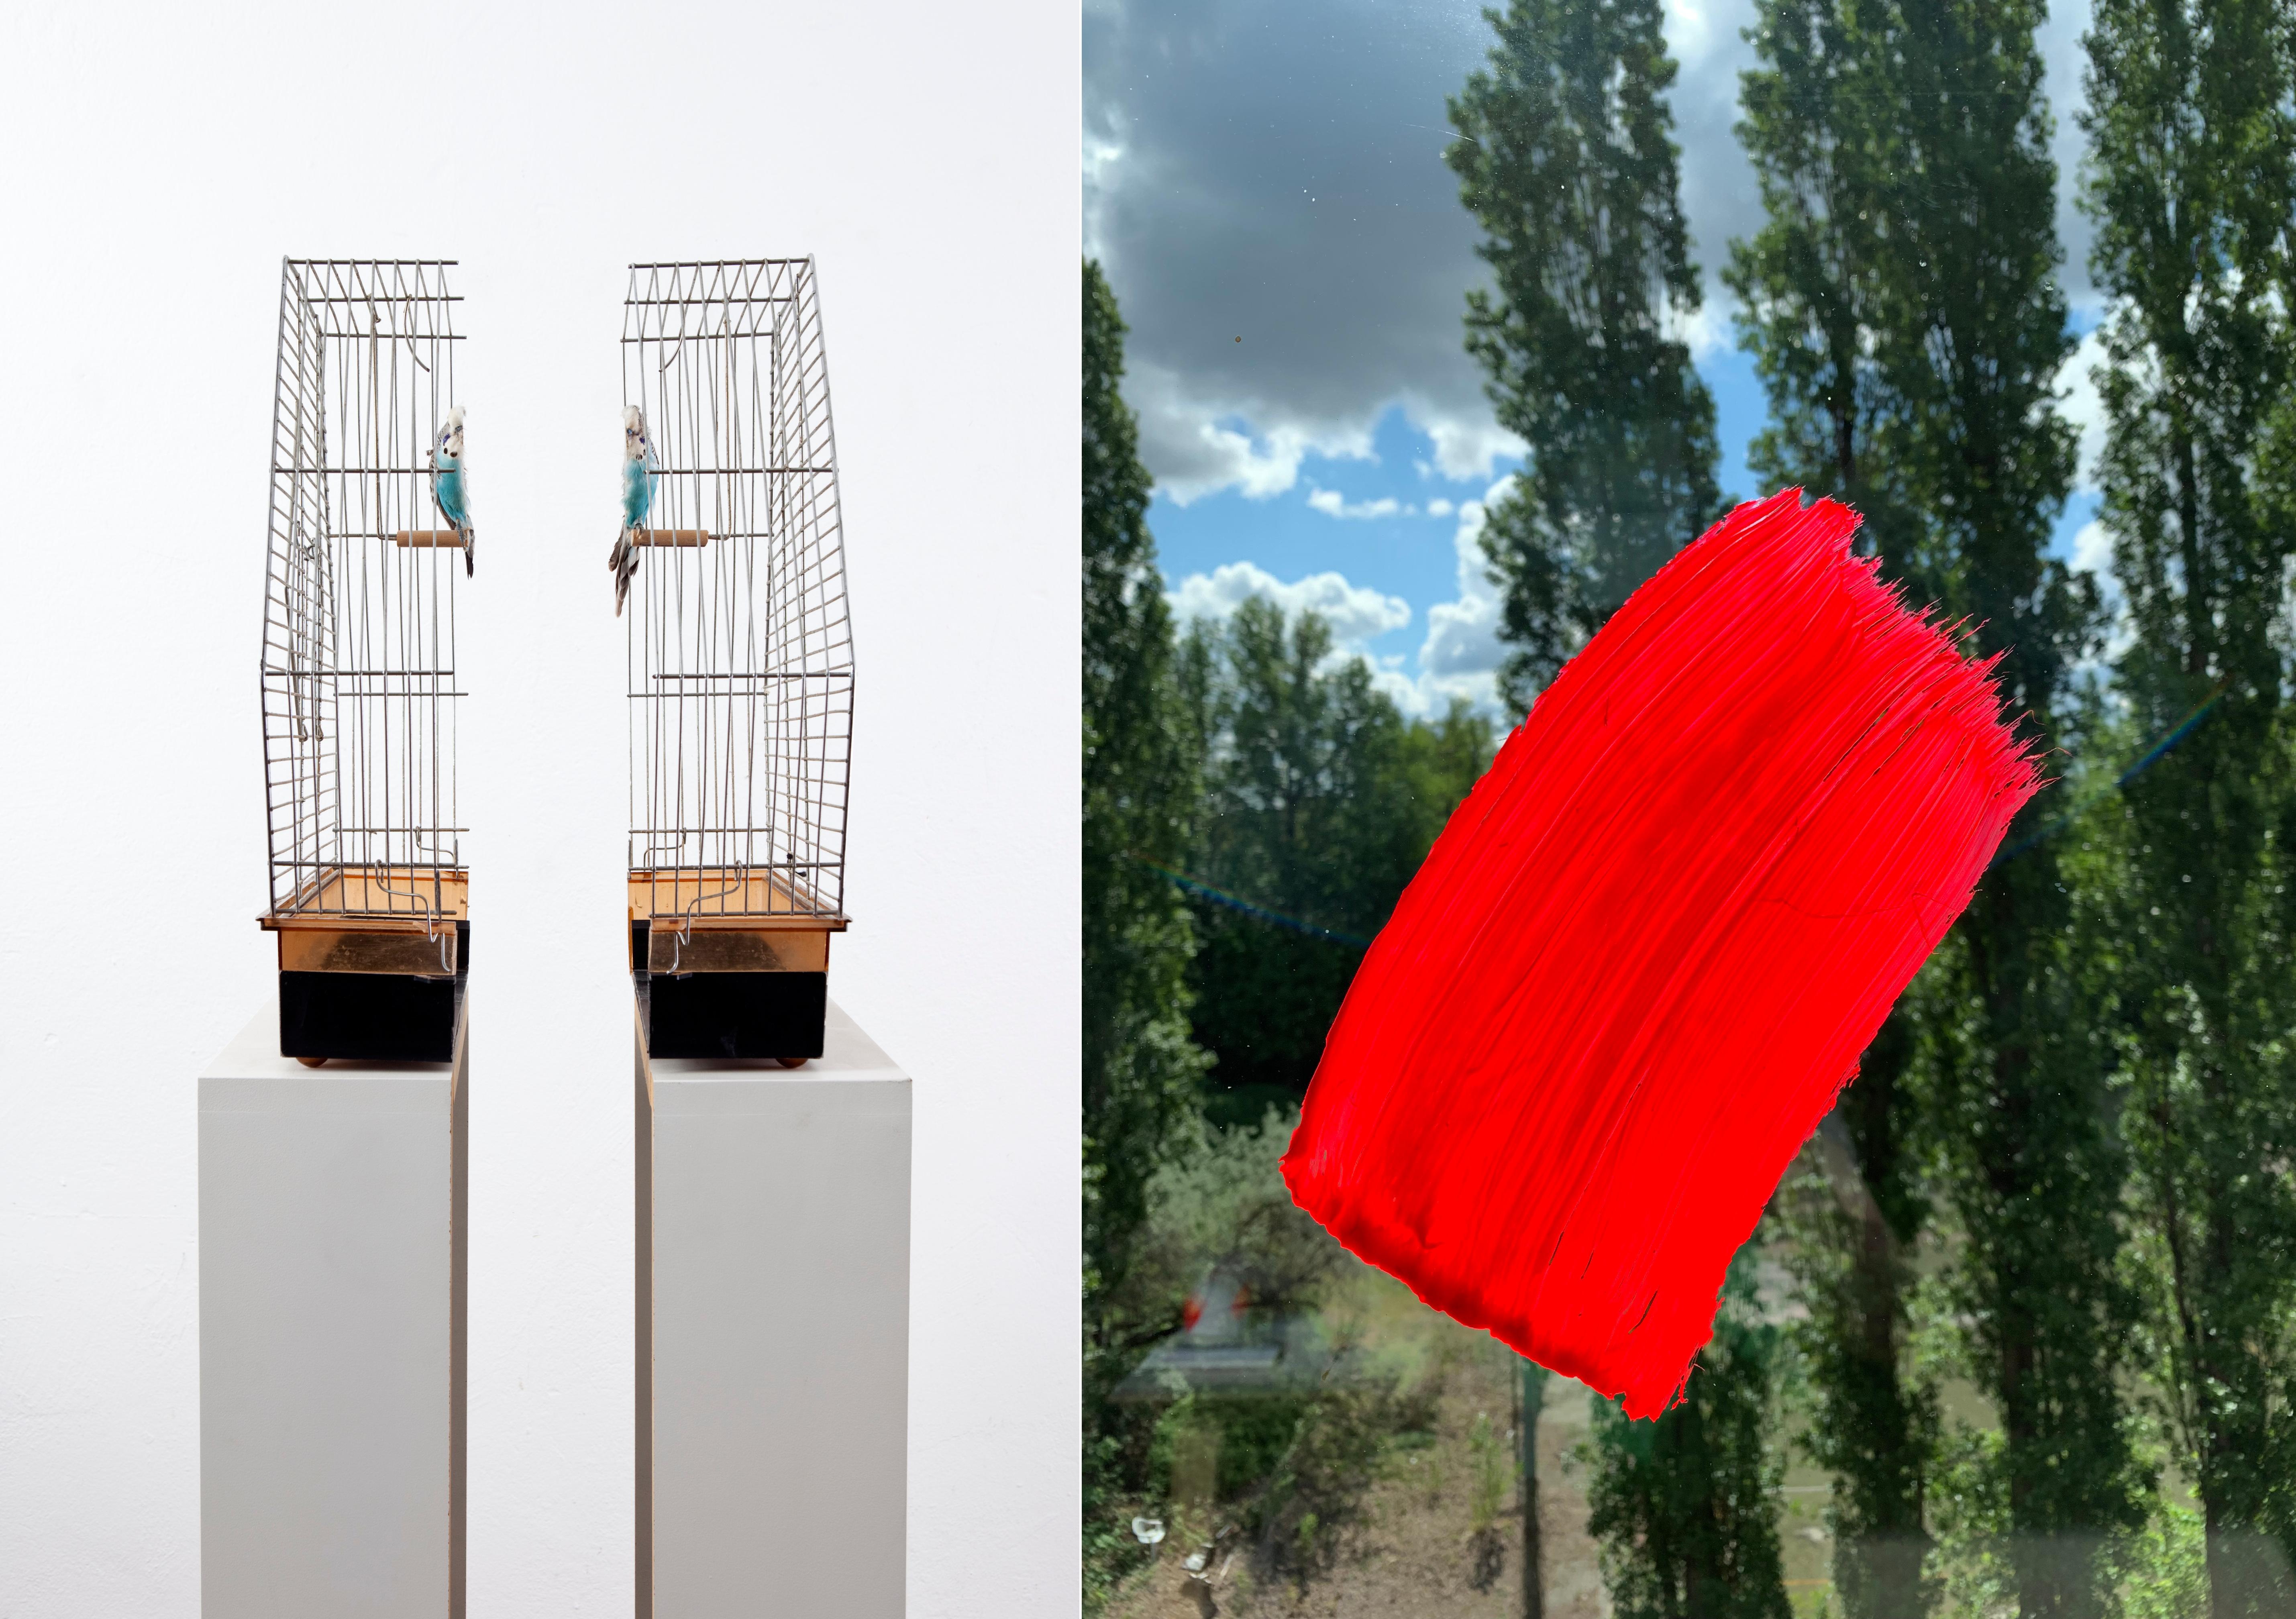 Links ein halbierter Vogelkäfig von Via Lewandowsky, rechts eine Arbeit von Karin Sander.